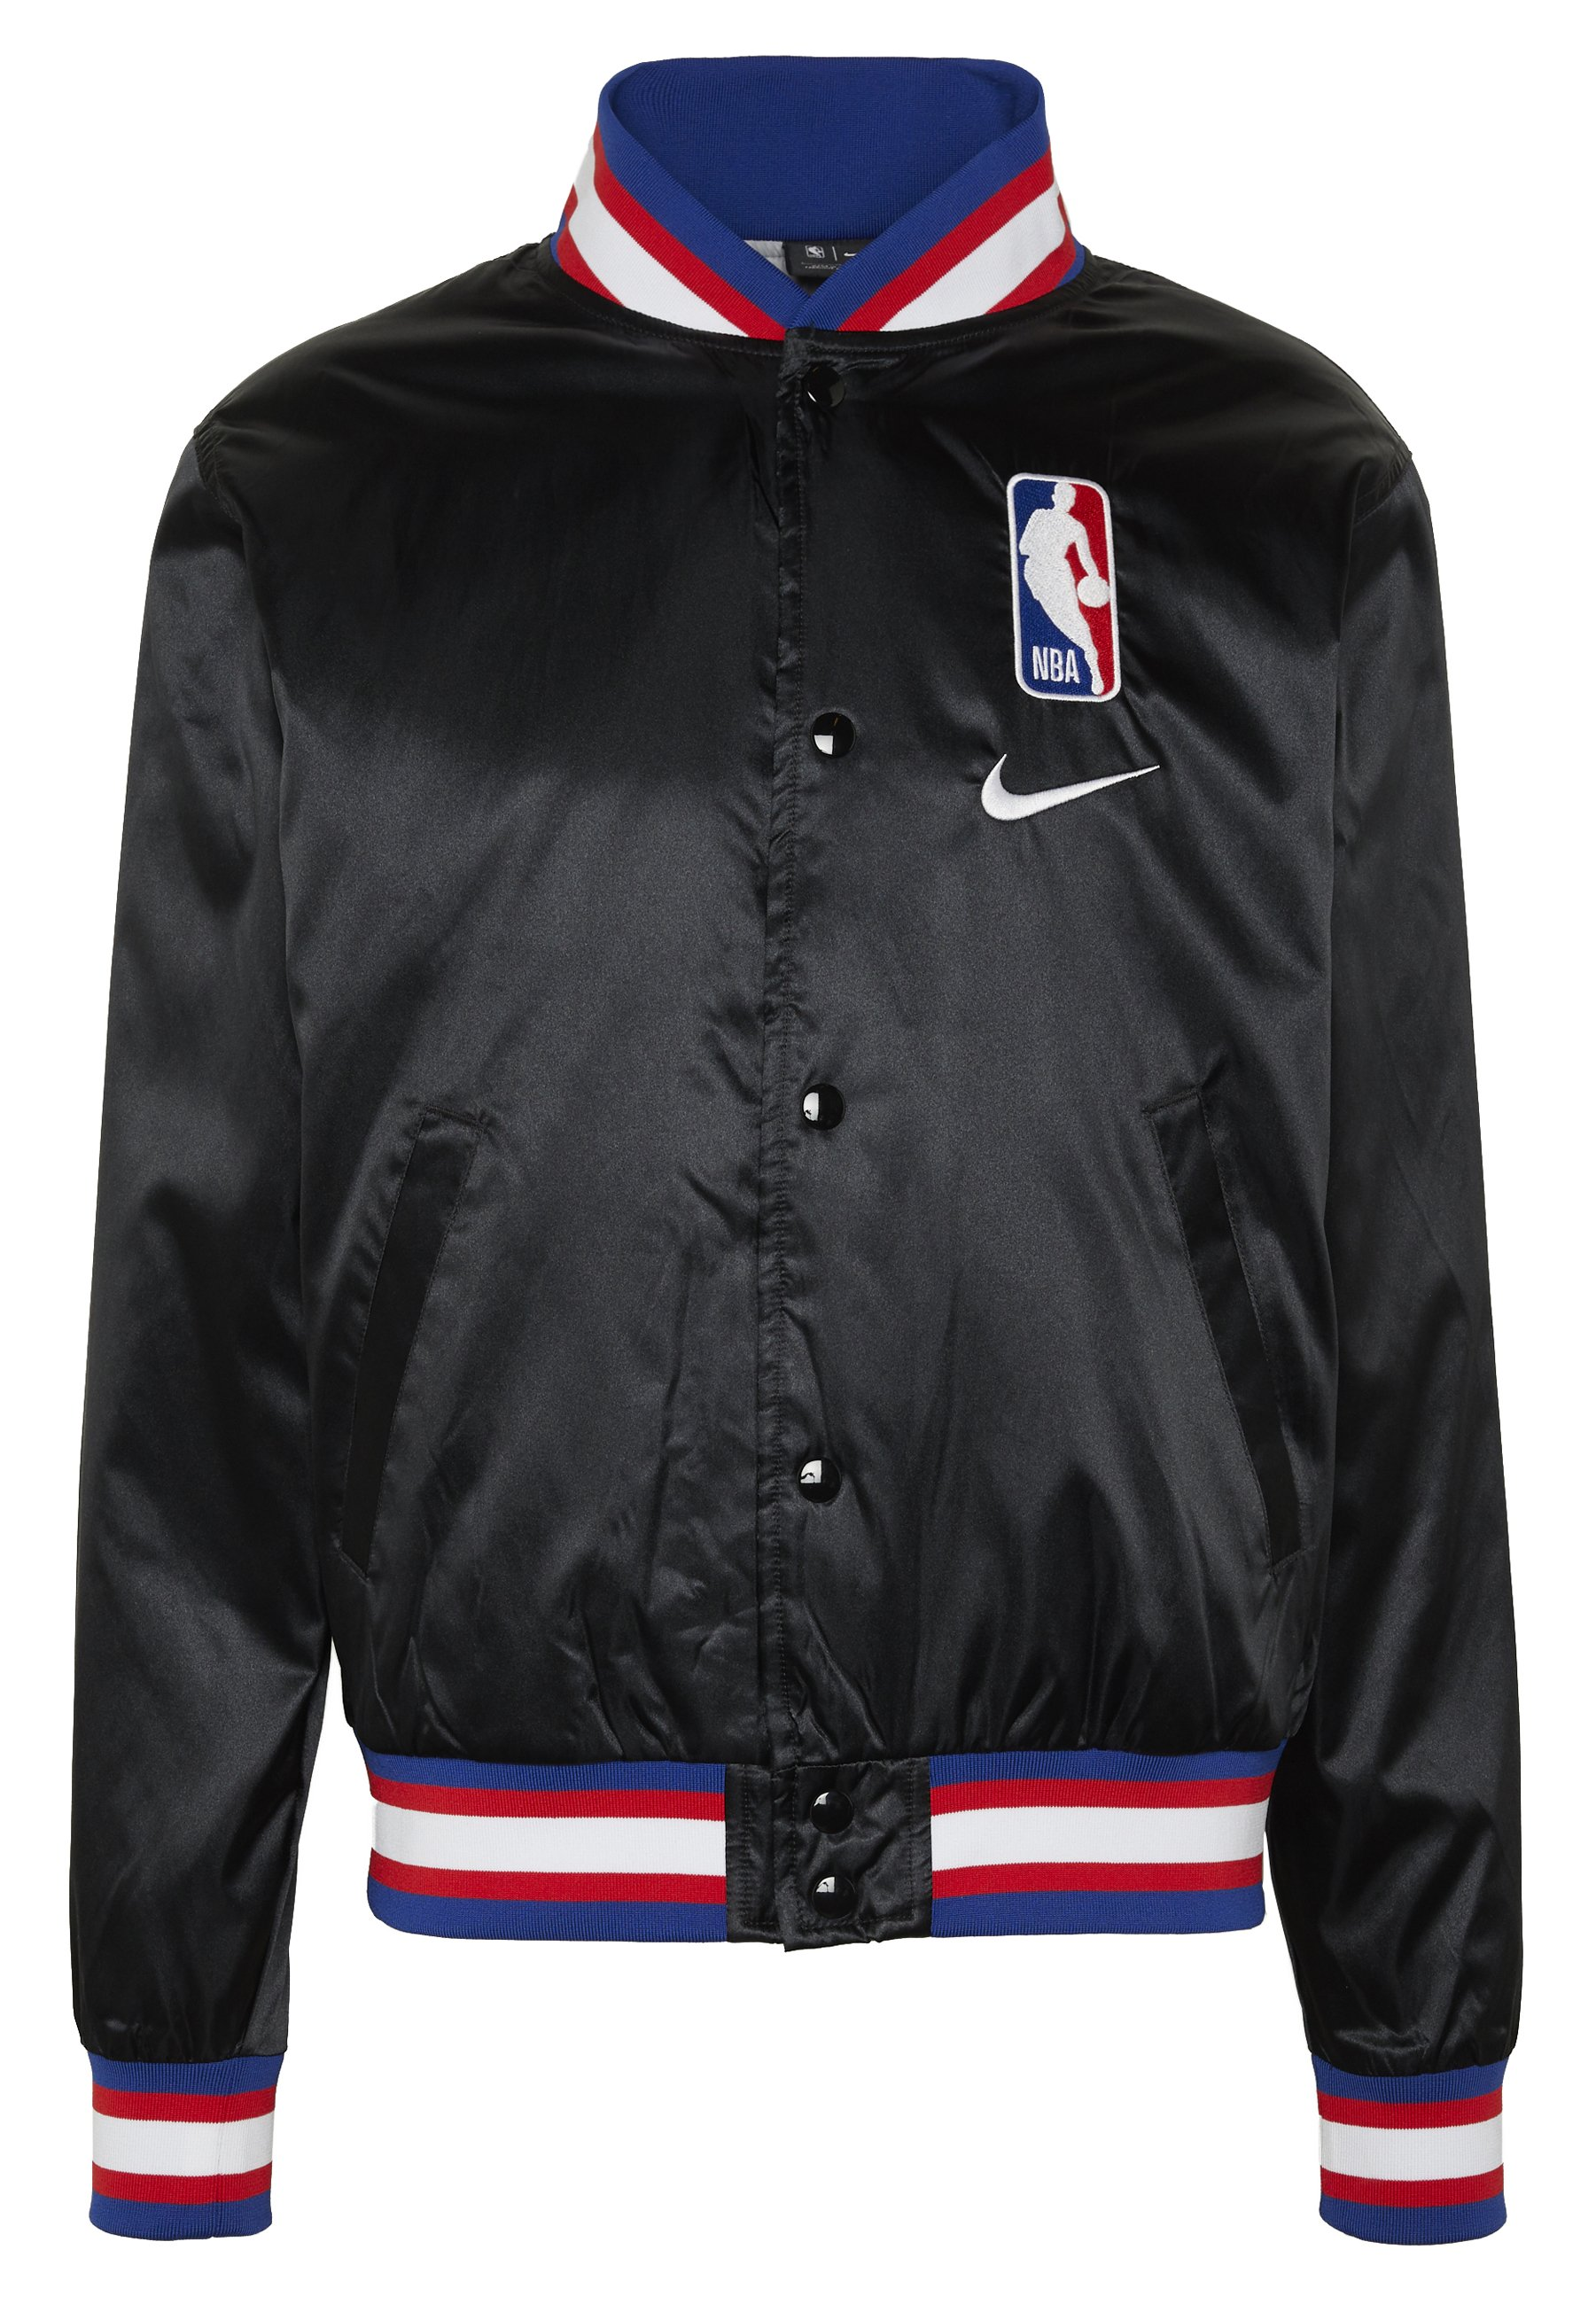 Nike Performance NBA COURTSIDE JACKET - Training jacket - black/wolfgrey/white